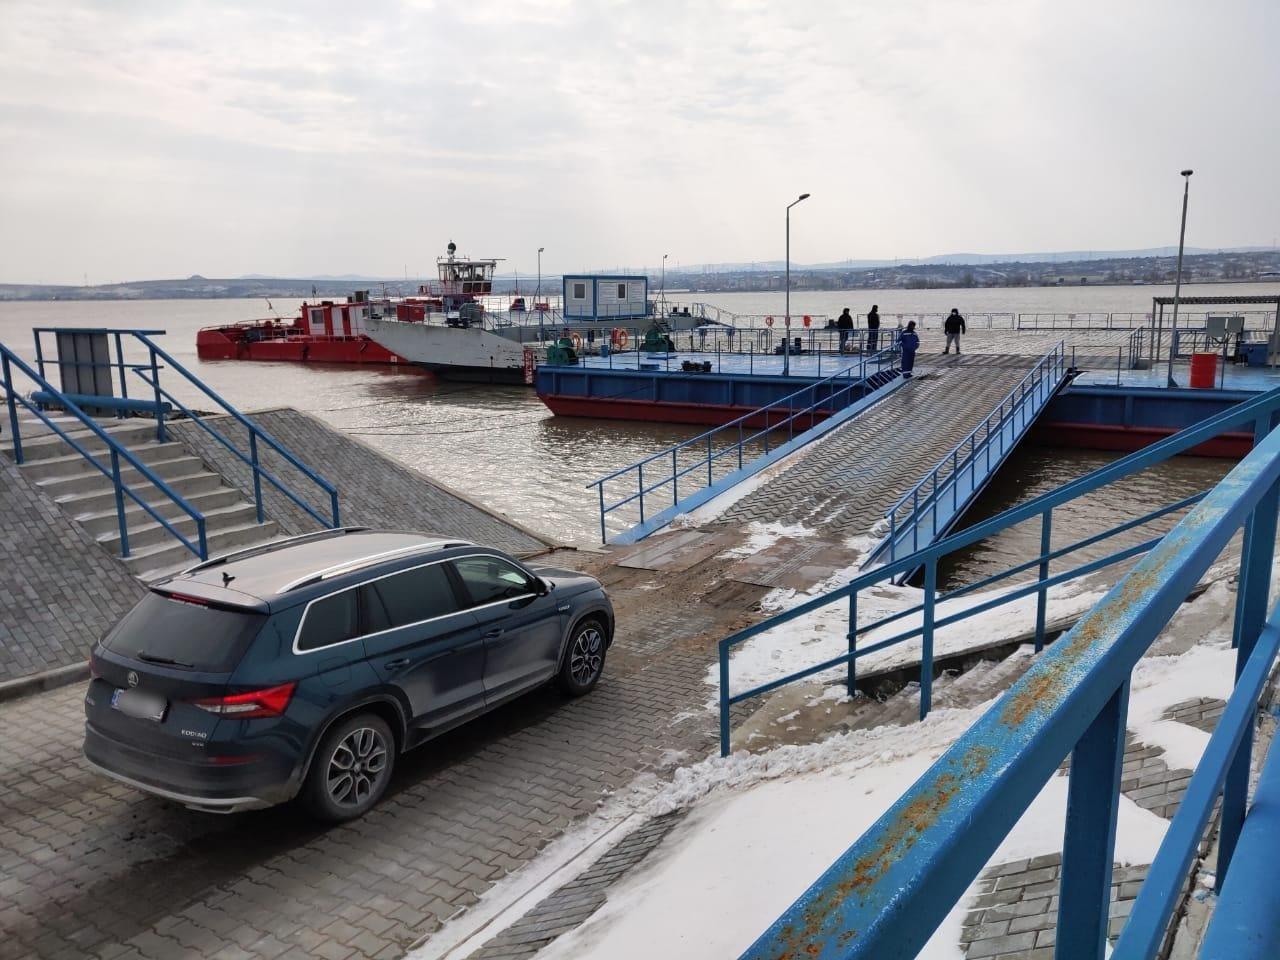 Первый автомобиль отправился в Румынию через паромный пункт пропуска в Одесской области, - ФОТО, фото-2